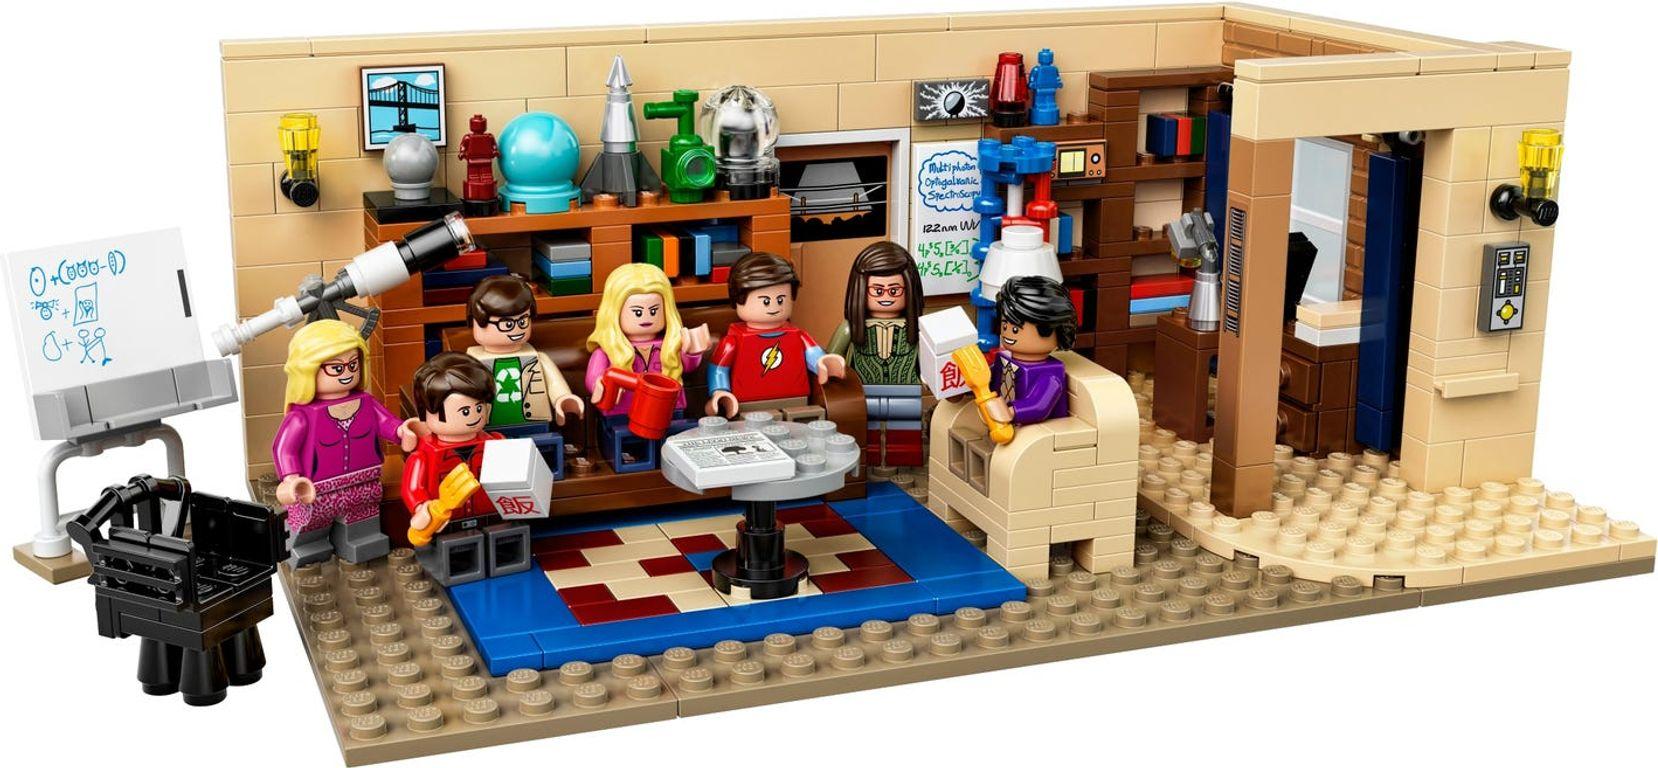 The Big Bang Theory components